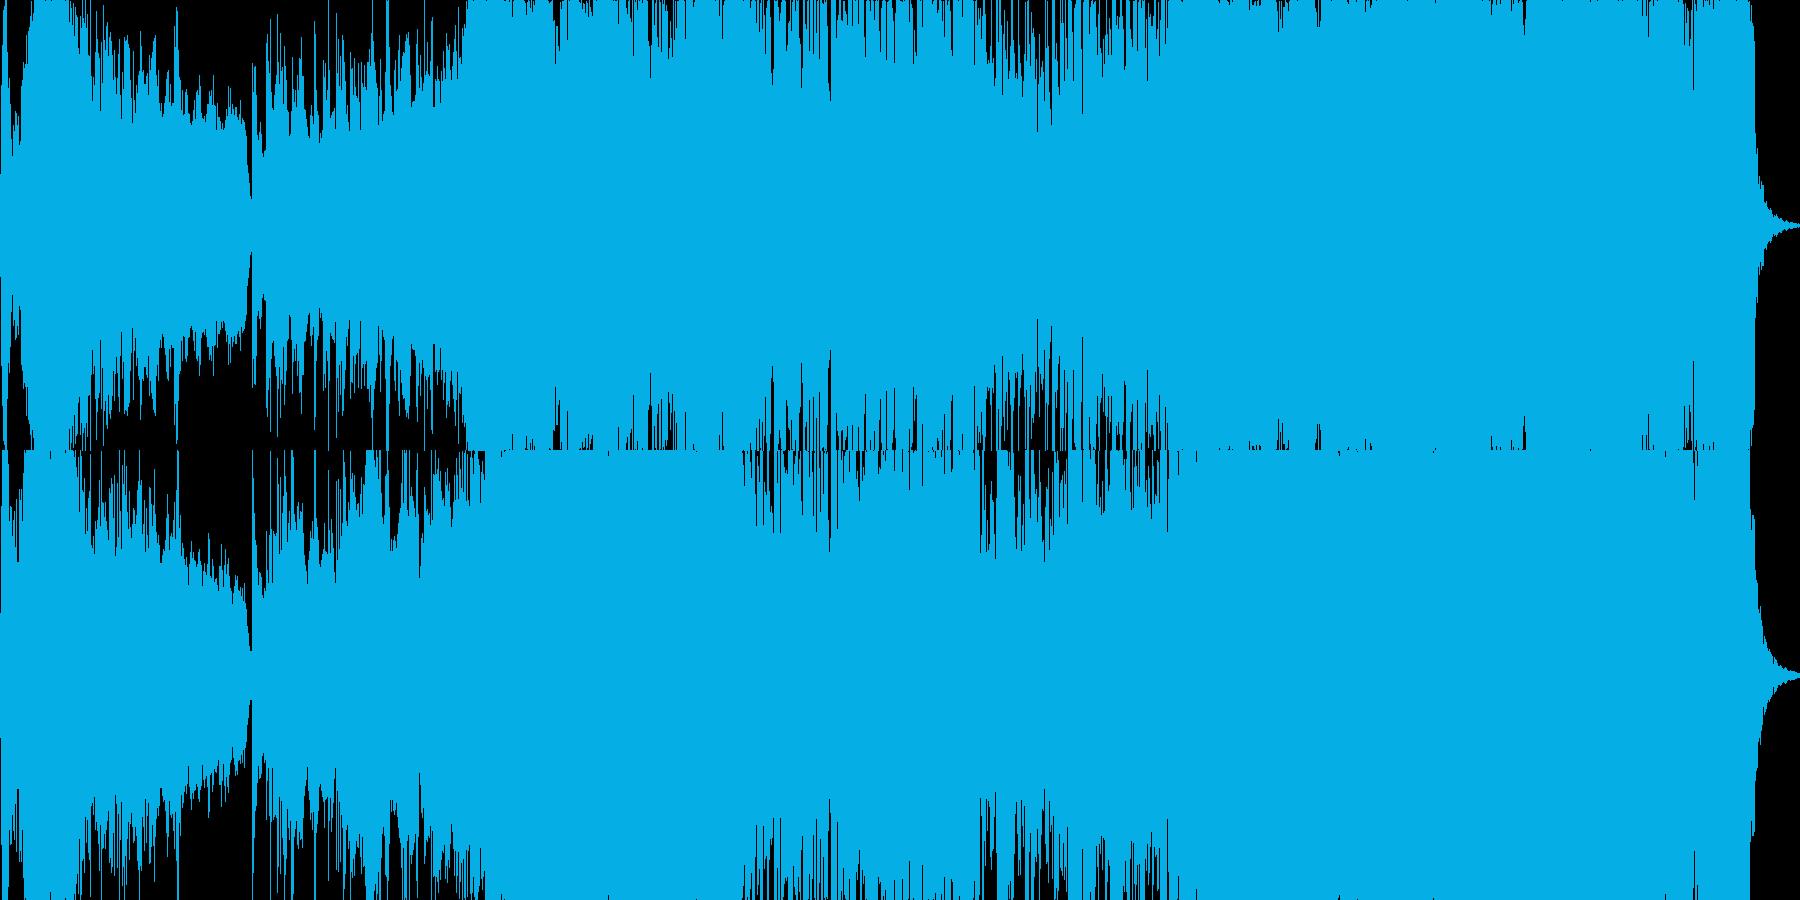 和風管弦楽「天道山河は霧のなか」 の再生済みの波形